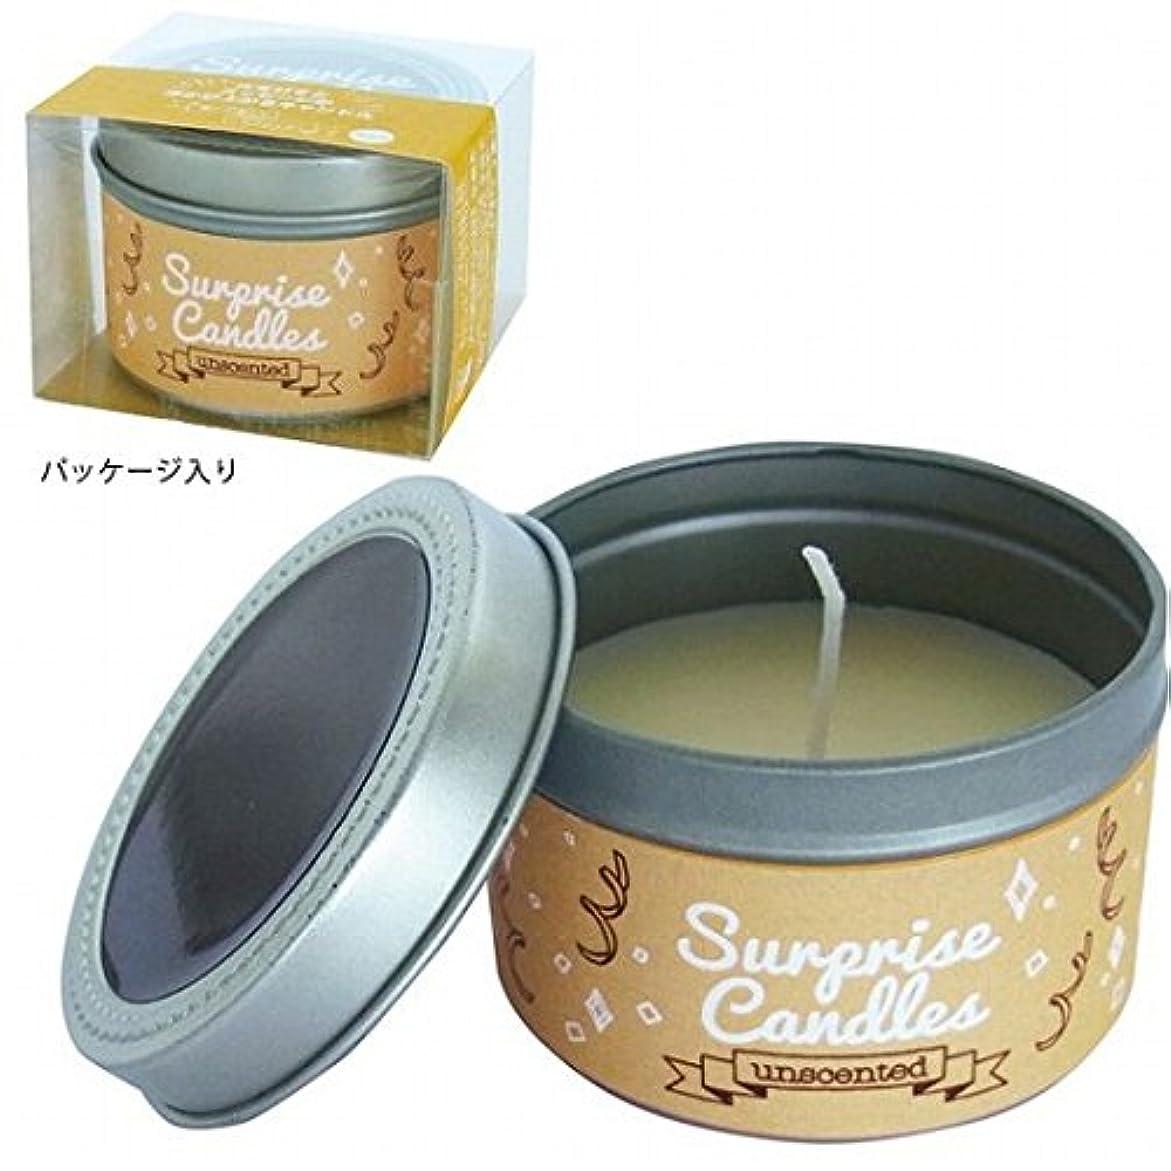 去るなに気づくなるkameyama candle(カメヤマキャンドル) サプライズキャンドル 「無香」(A207005010)